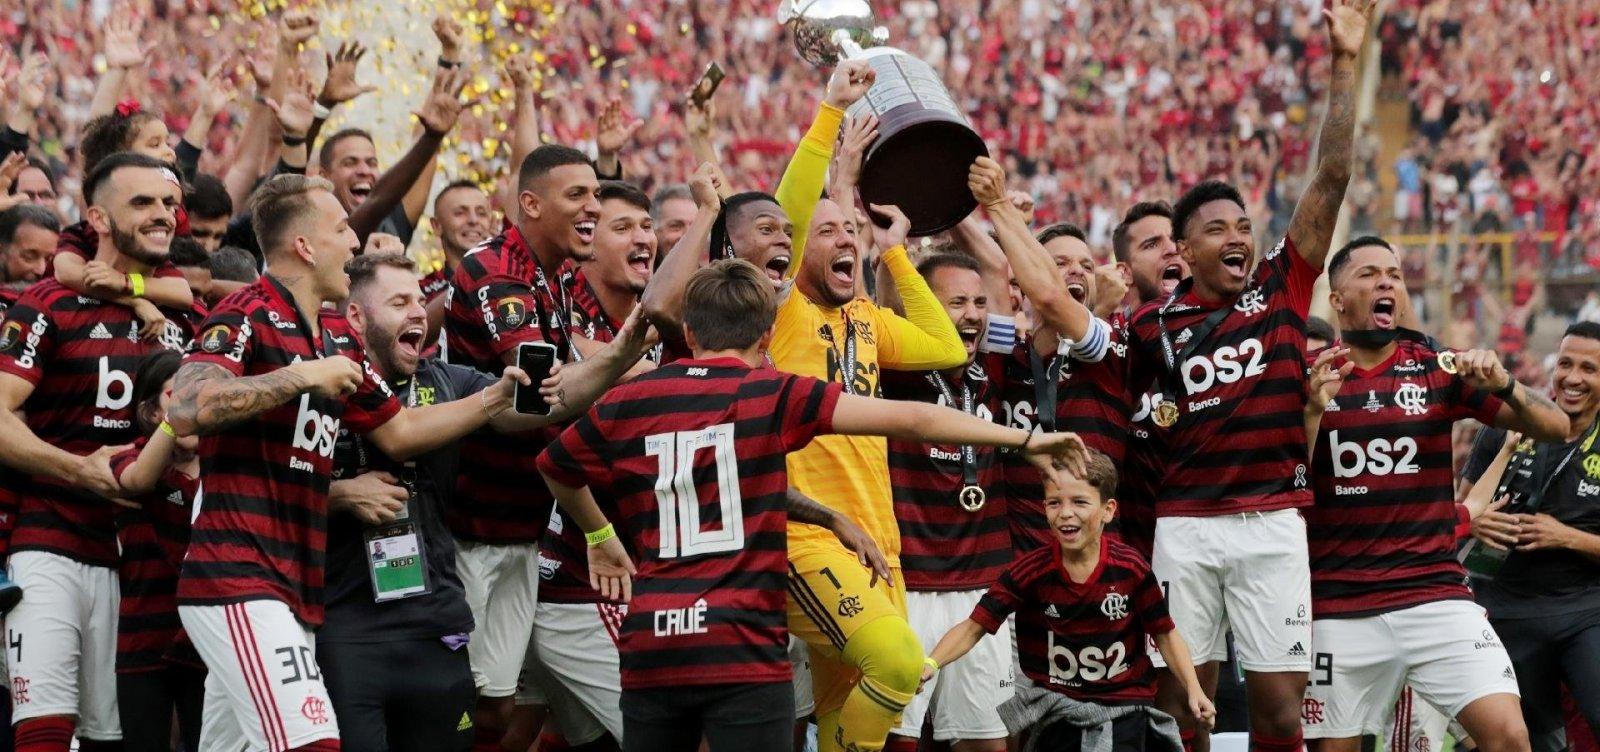 [Com elenco esperado, Flamengo divulga lista dos 23 inscritos para o Mundial]